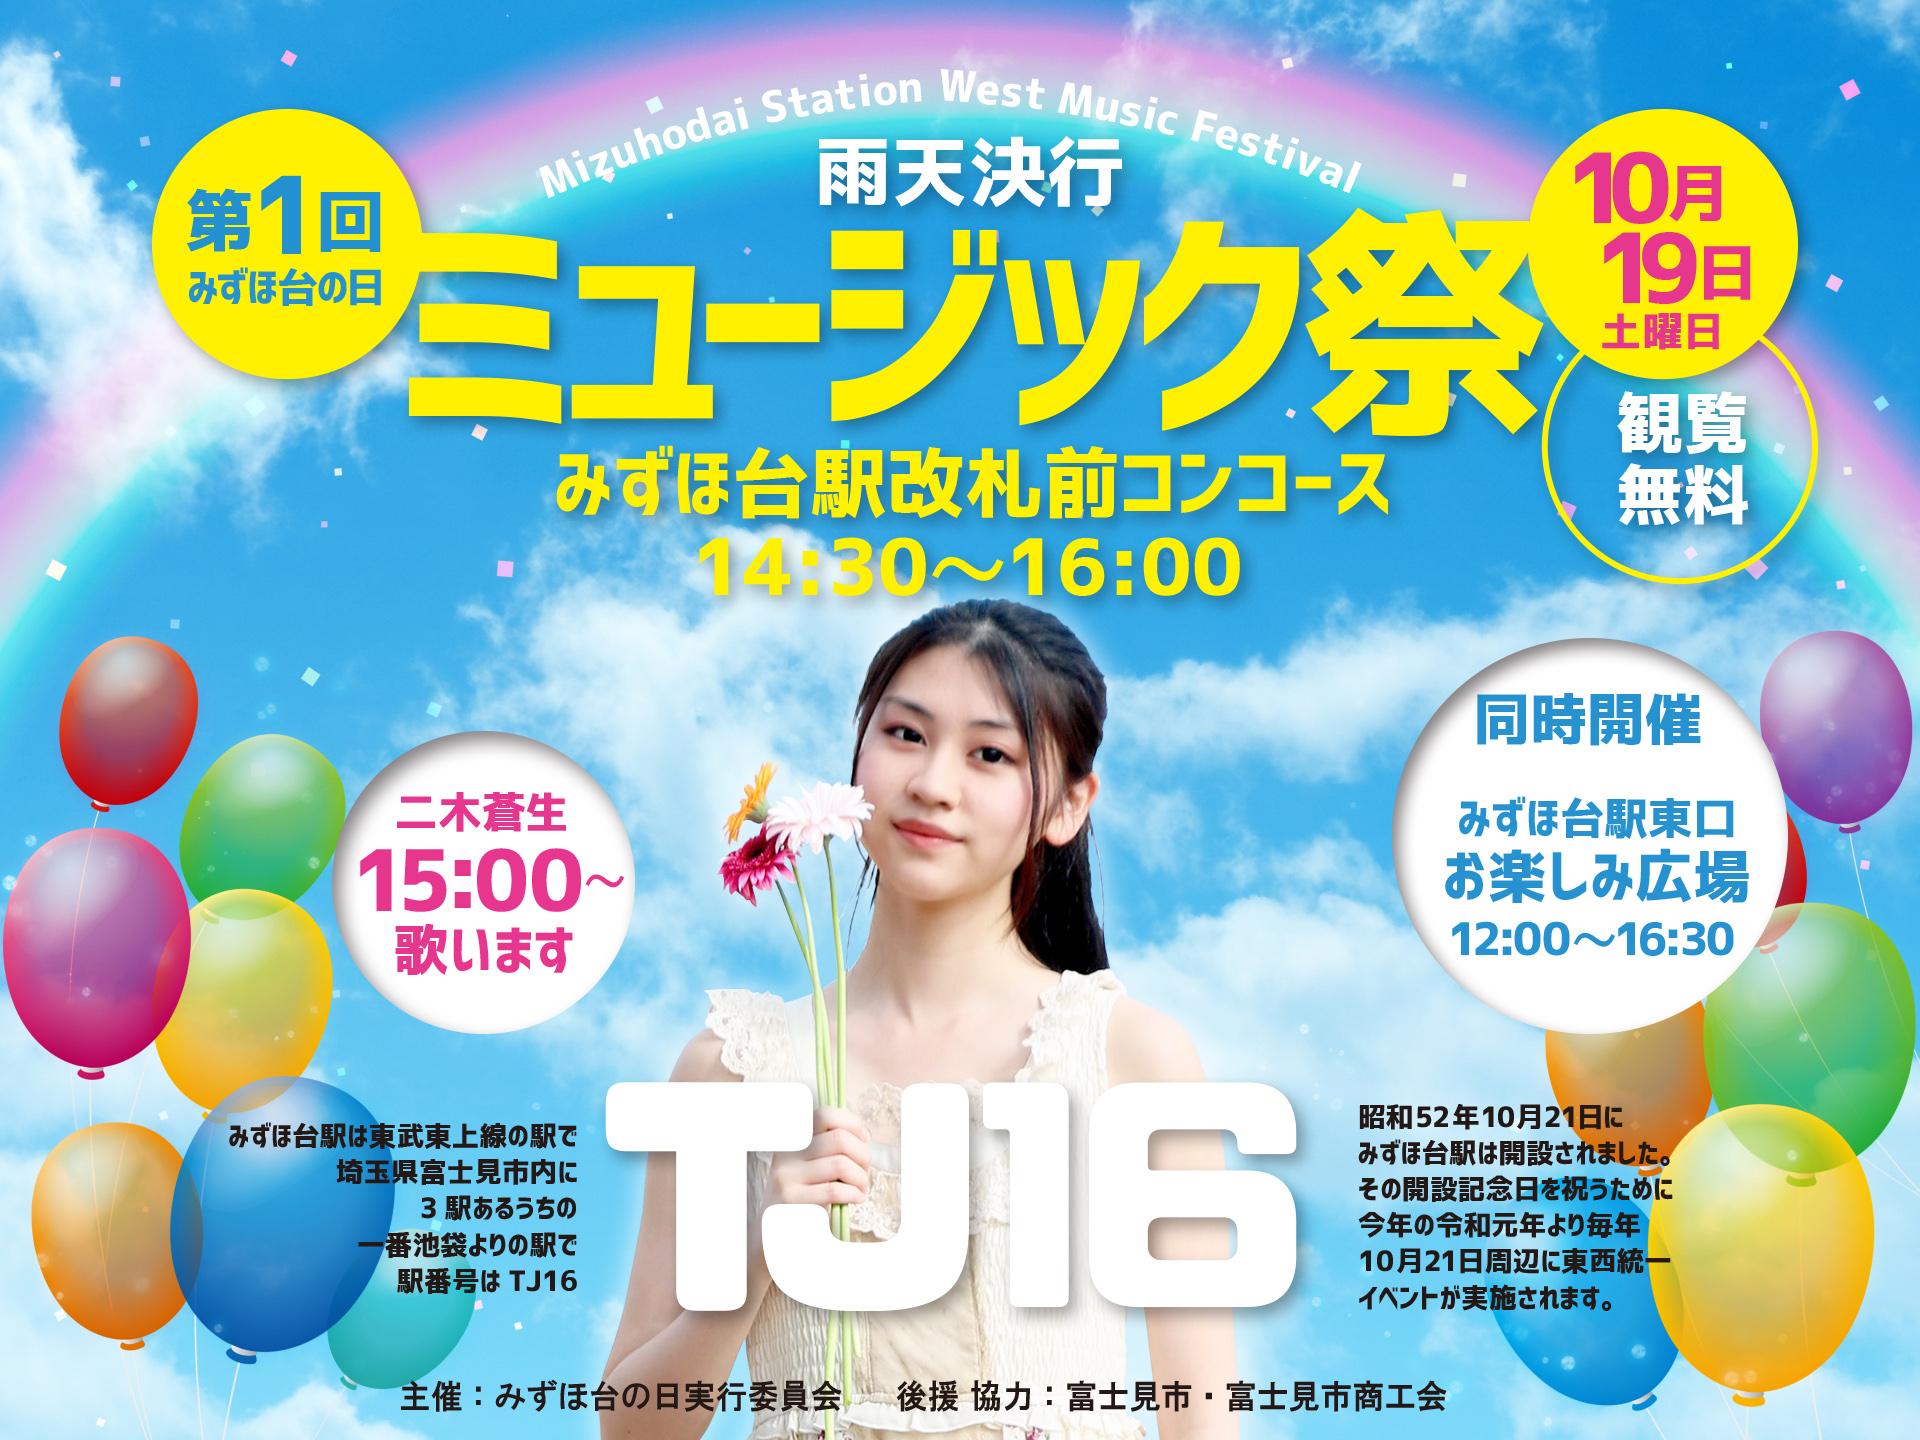 10/19(土)第1回みずほ台の日-西口ミュージック祭